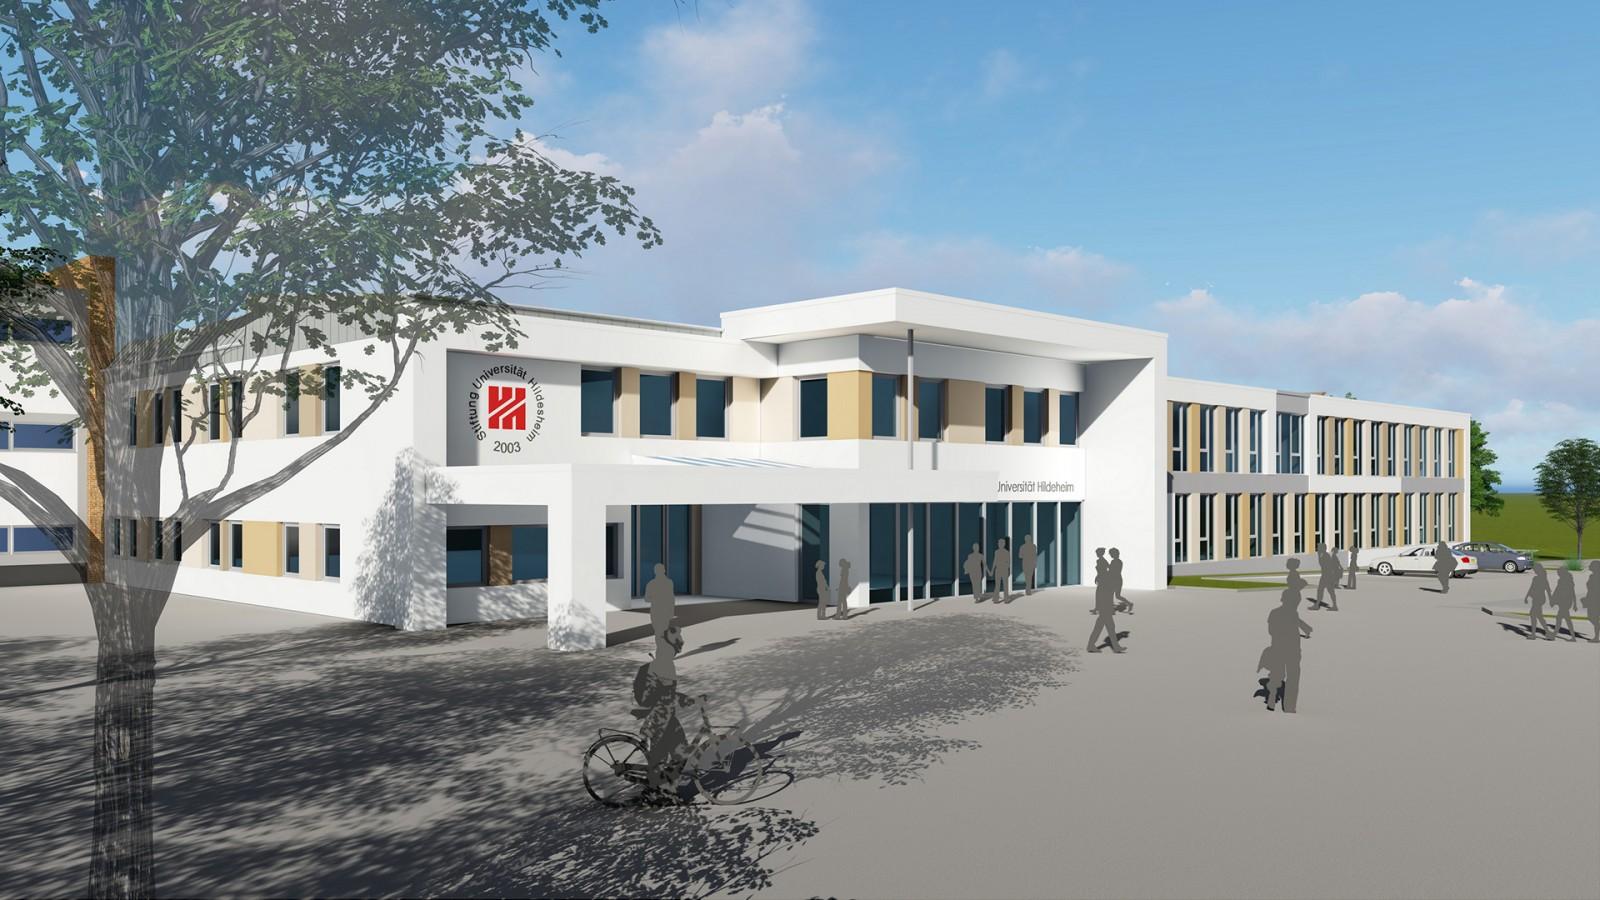 Universität Hildesheim Samelsonplatz | JUNG - Architekturbüro, Innenarchitekturbüro Hildesheim